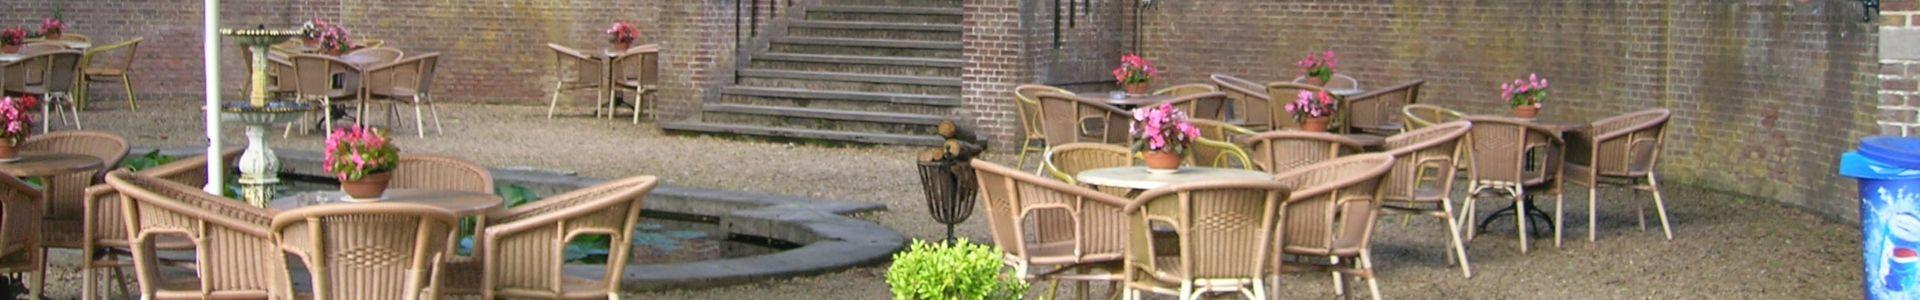 Terras in de parktuin van Hotel Landgoed Ehzerwold in Almen